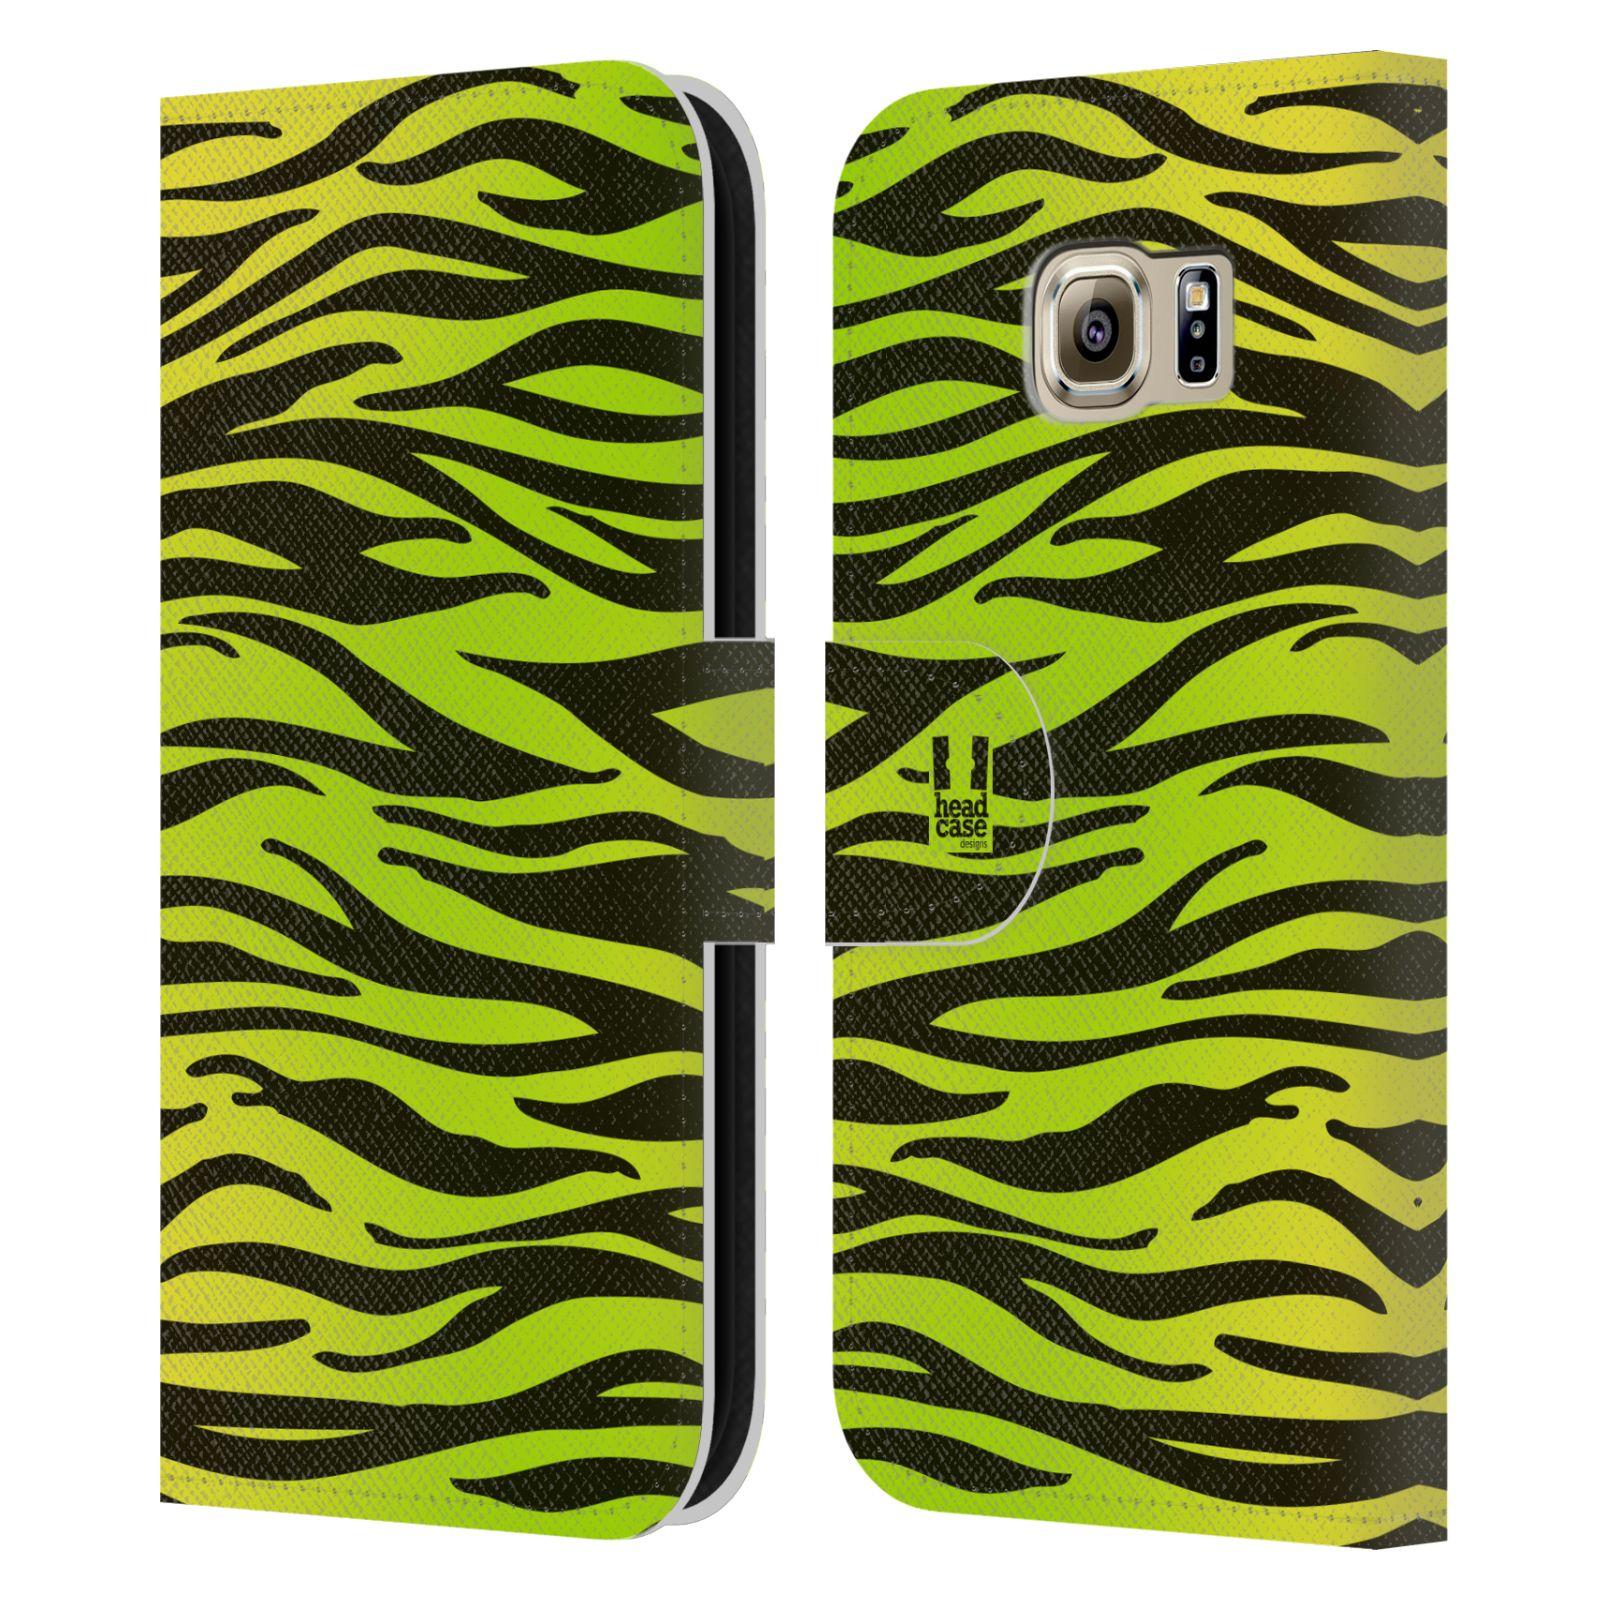 HEAD CASE Flipové pouzdro pro mobil Samsung Galaxy S6 (G9200) Zvířecí barevné vzory žlutozelená zebra